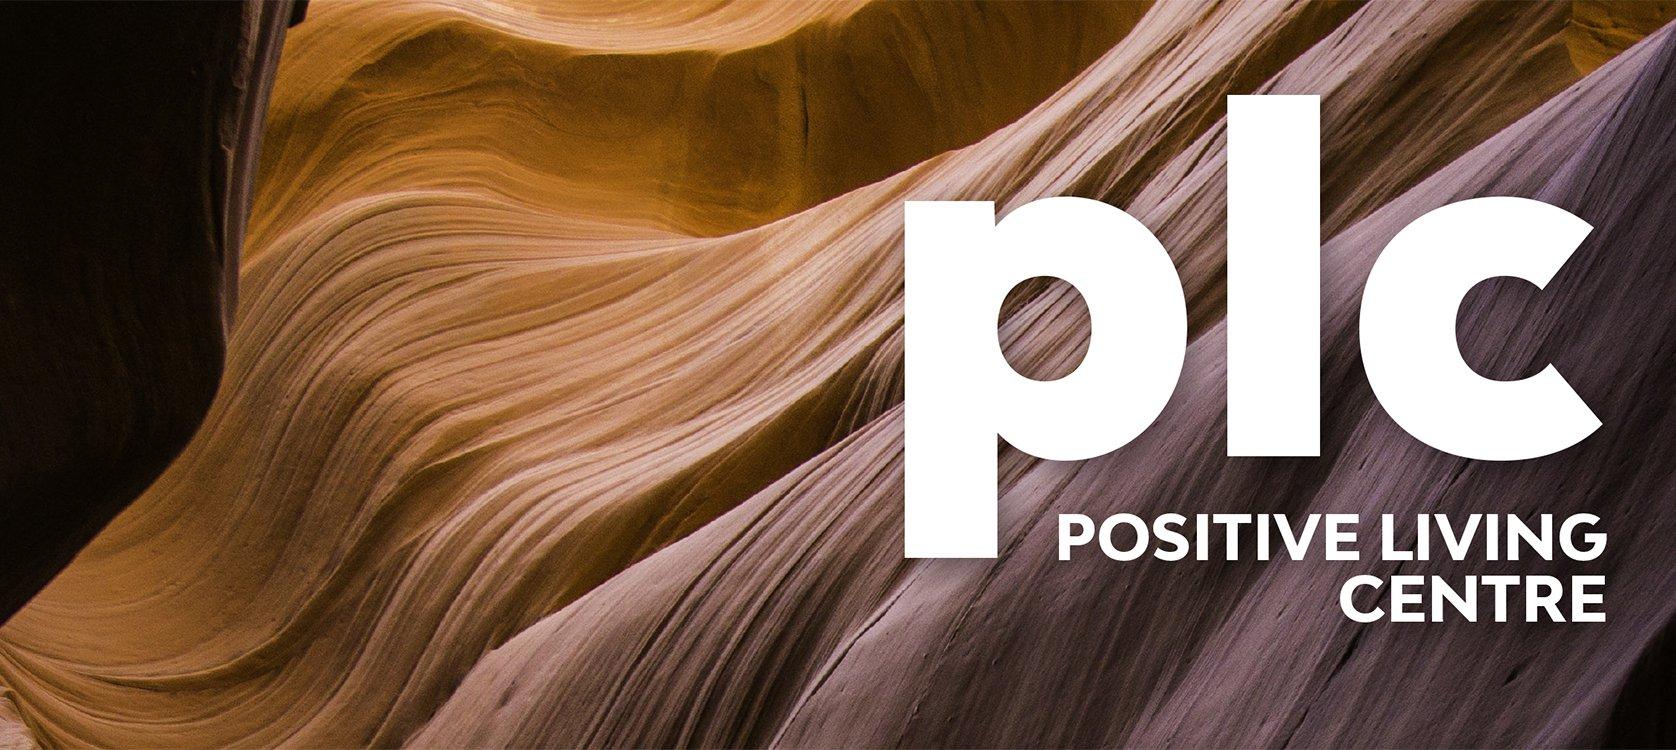 PLC Newsletter Banner.jpg